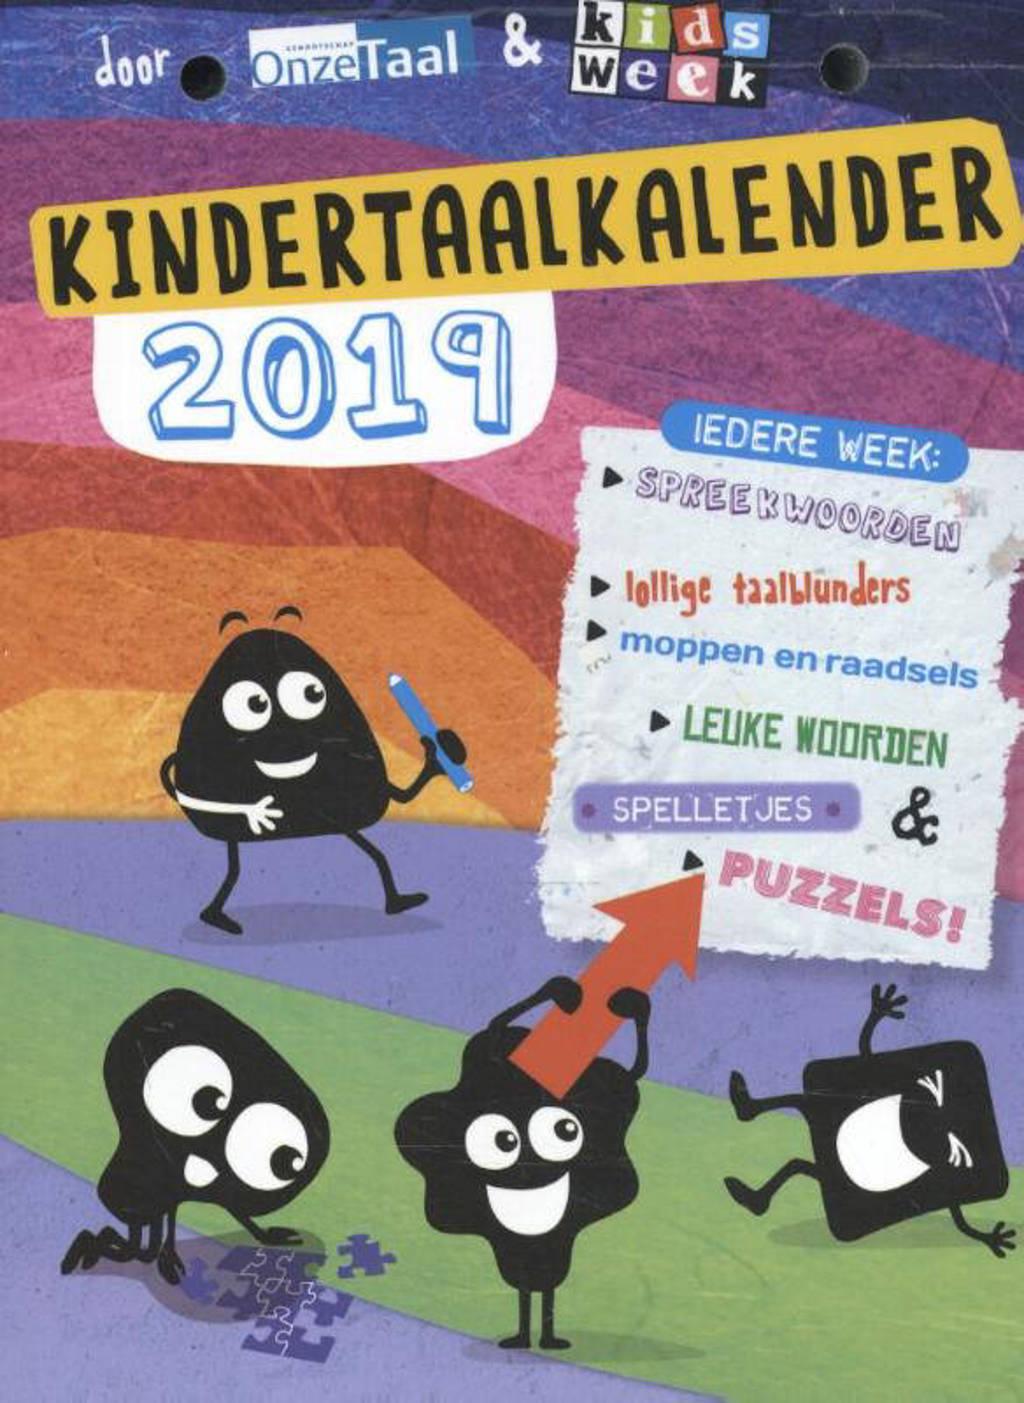 Kindertaalkalender 2019 - Genootschap Onze Taal